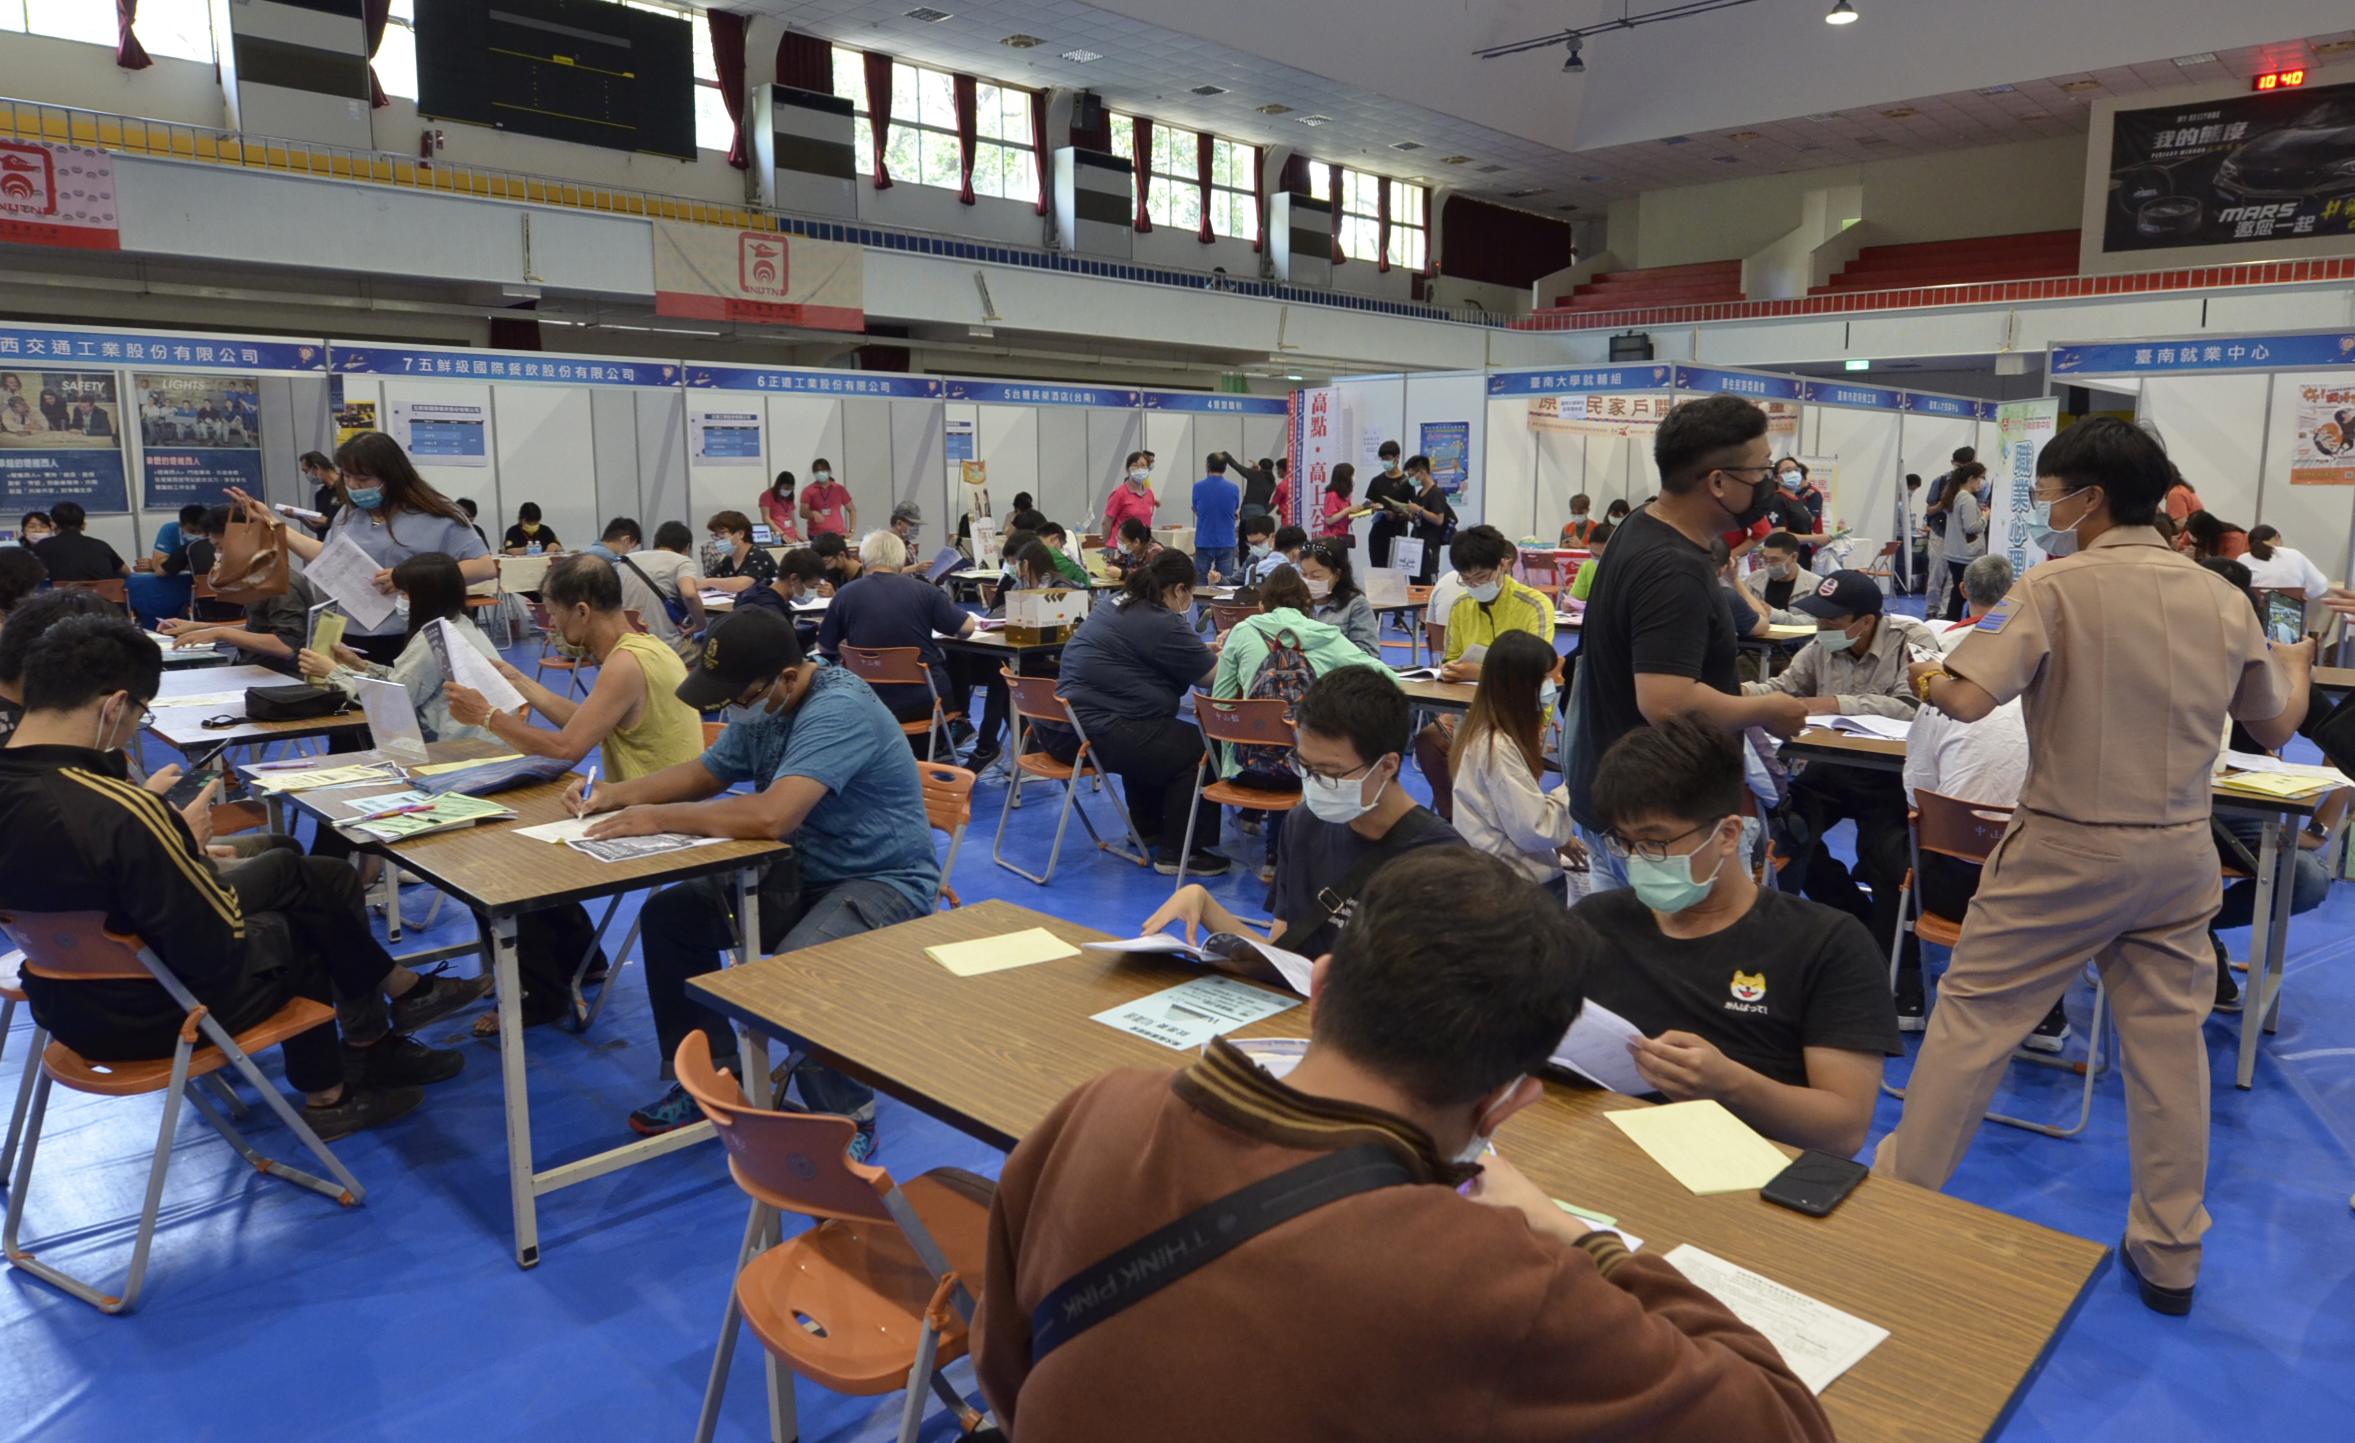 臺南就業中心舉辦大型徵才活動,吸引不少民眾尋職卡位。